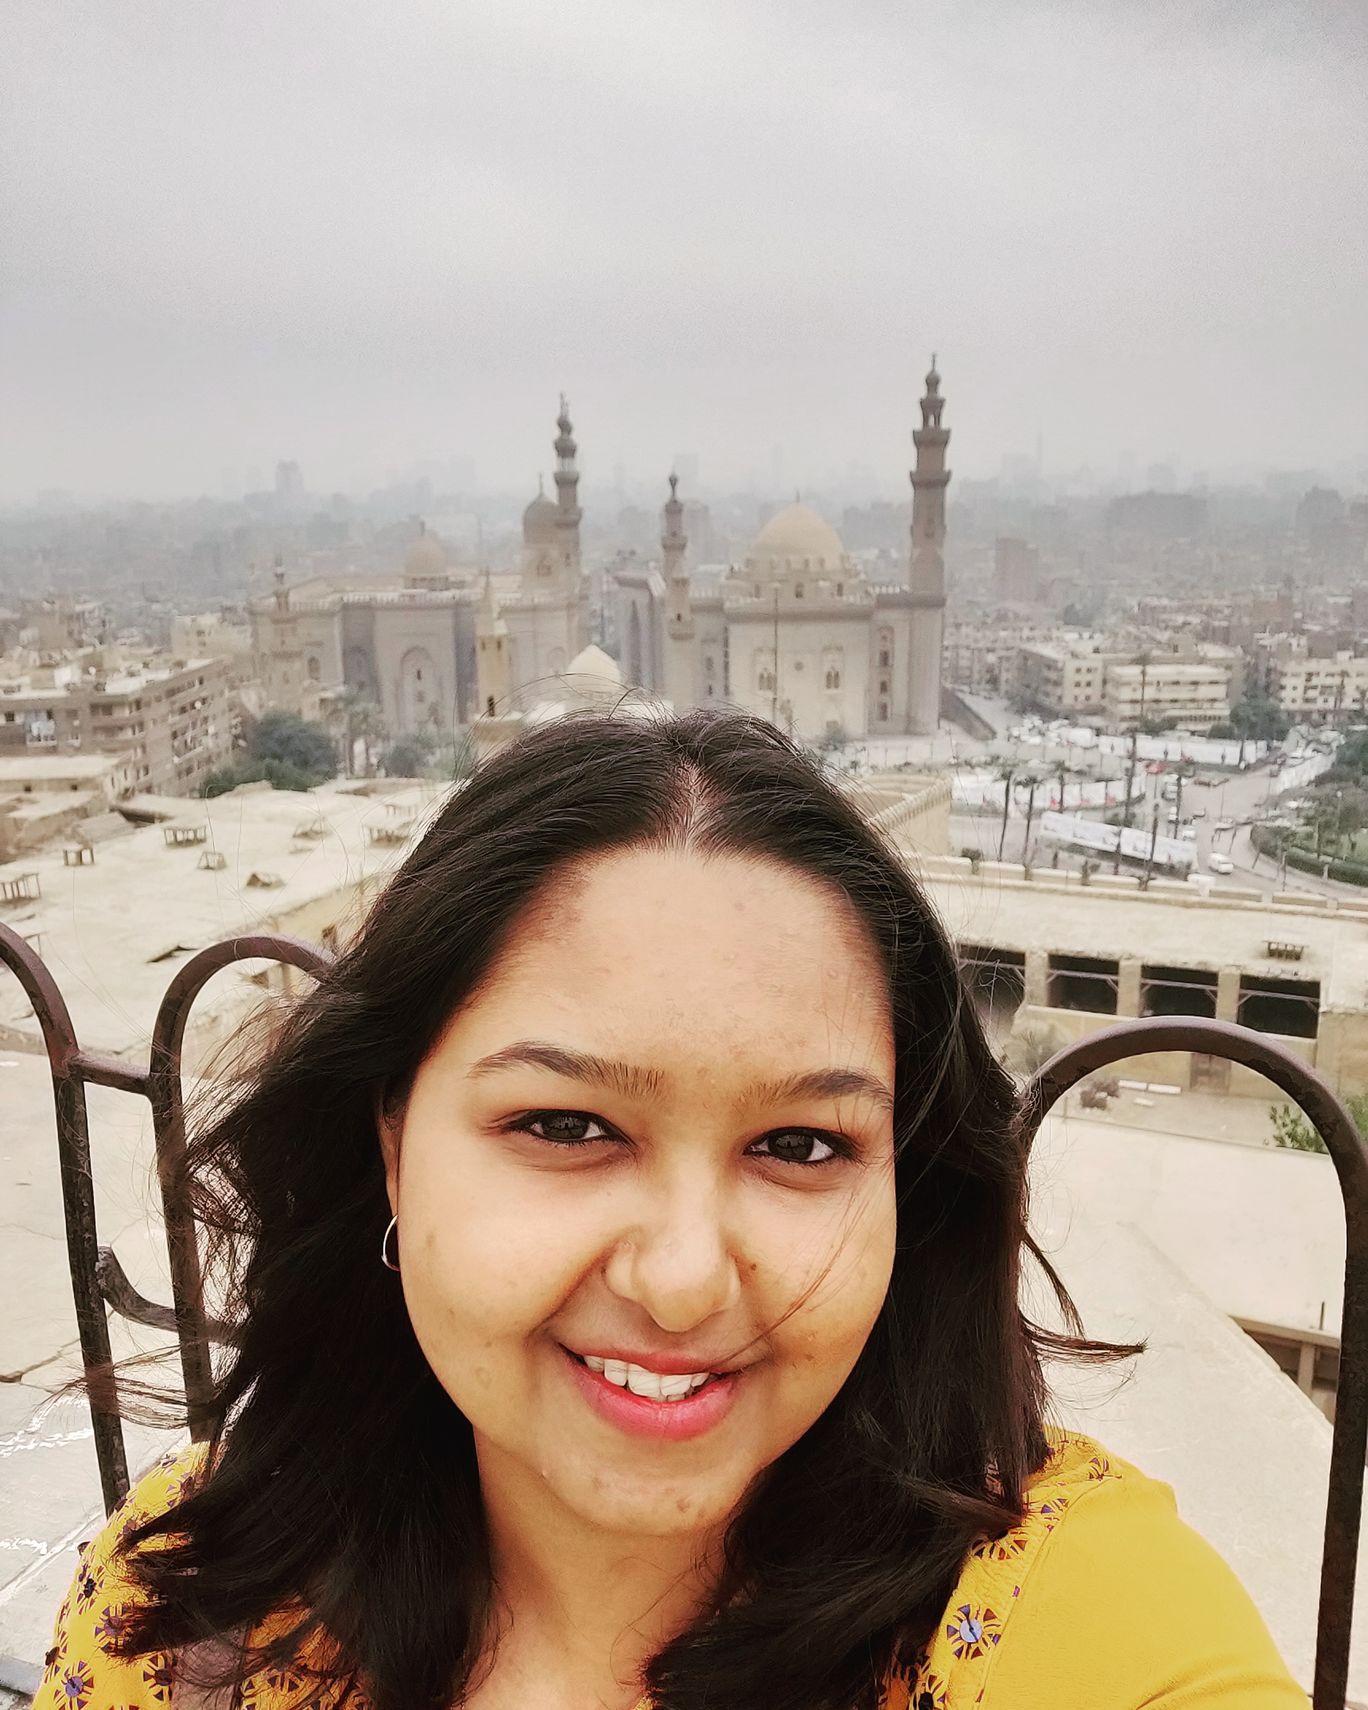 Photo of Cairo By Kitzsrf